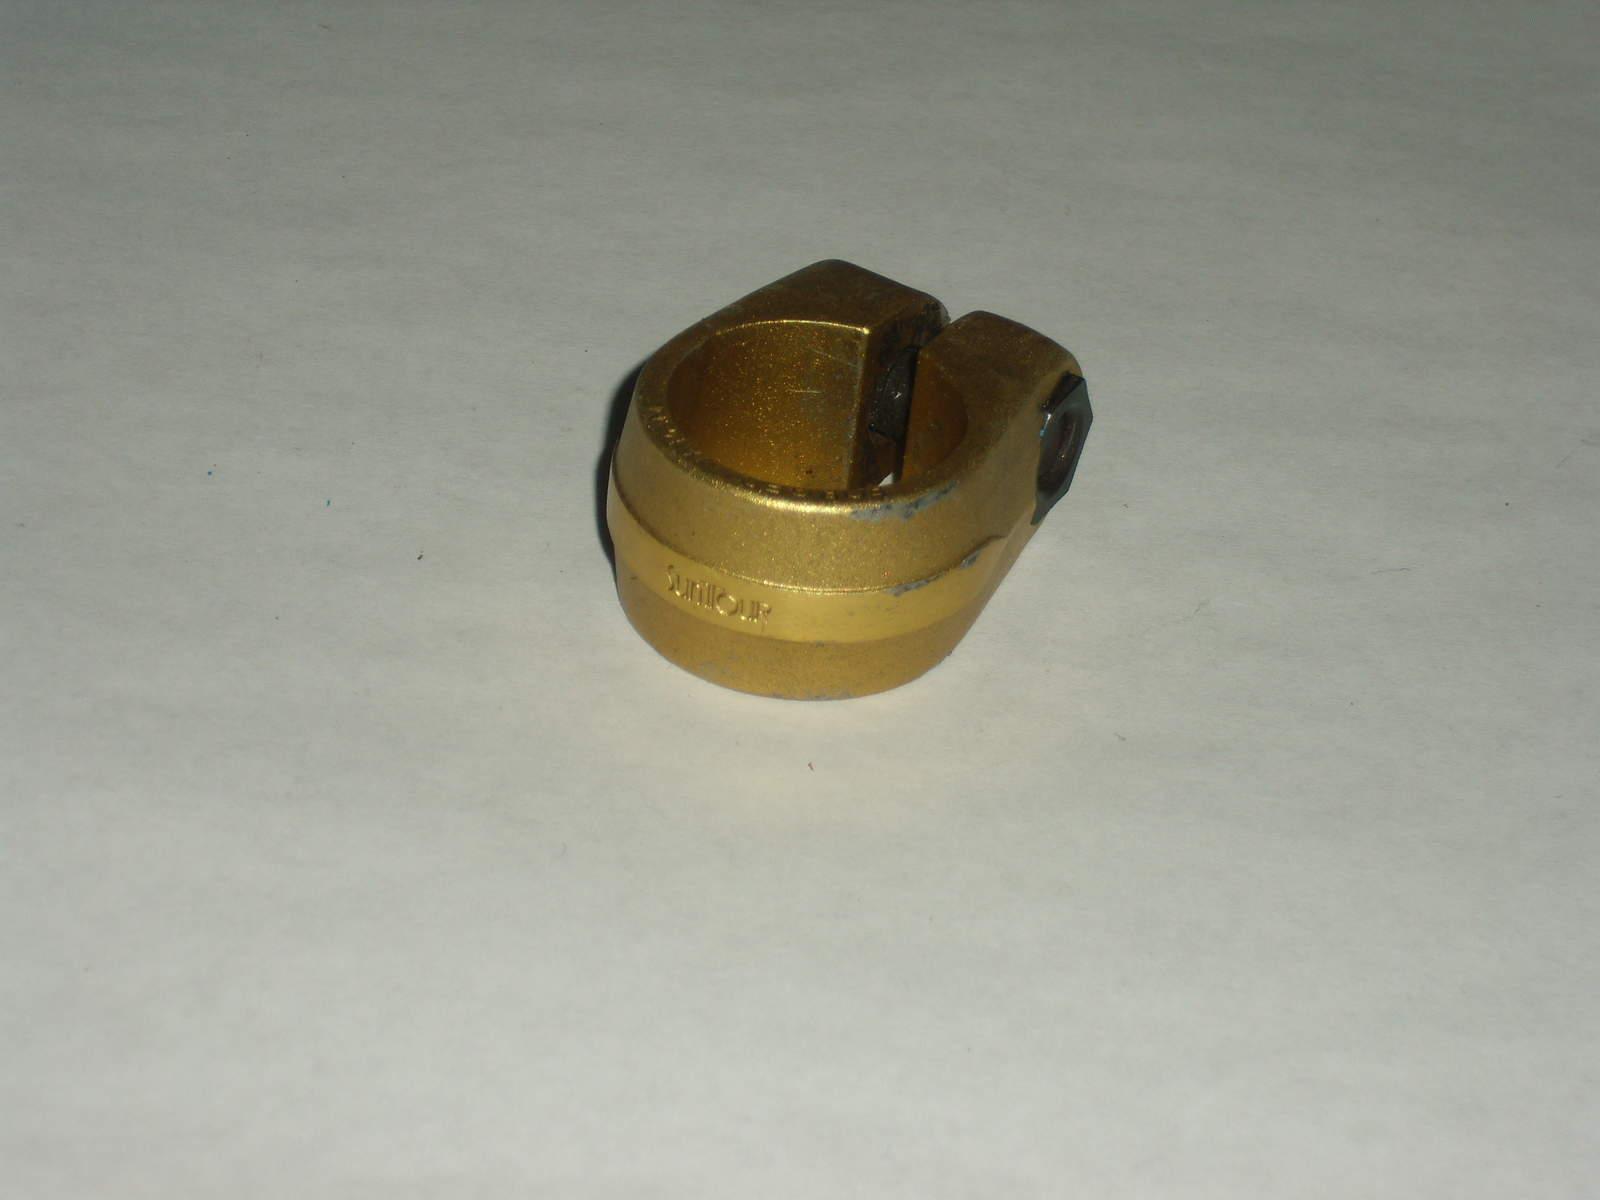 http://uploads.bmxmuseum.com/user-images/18293/dsci05235a56716e49.jpg